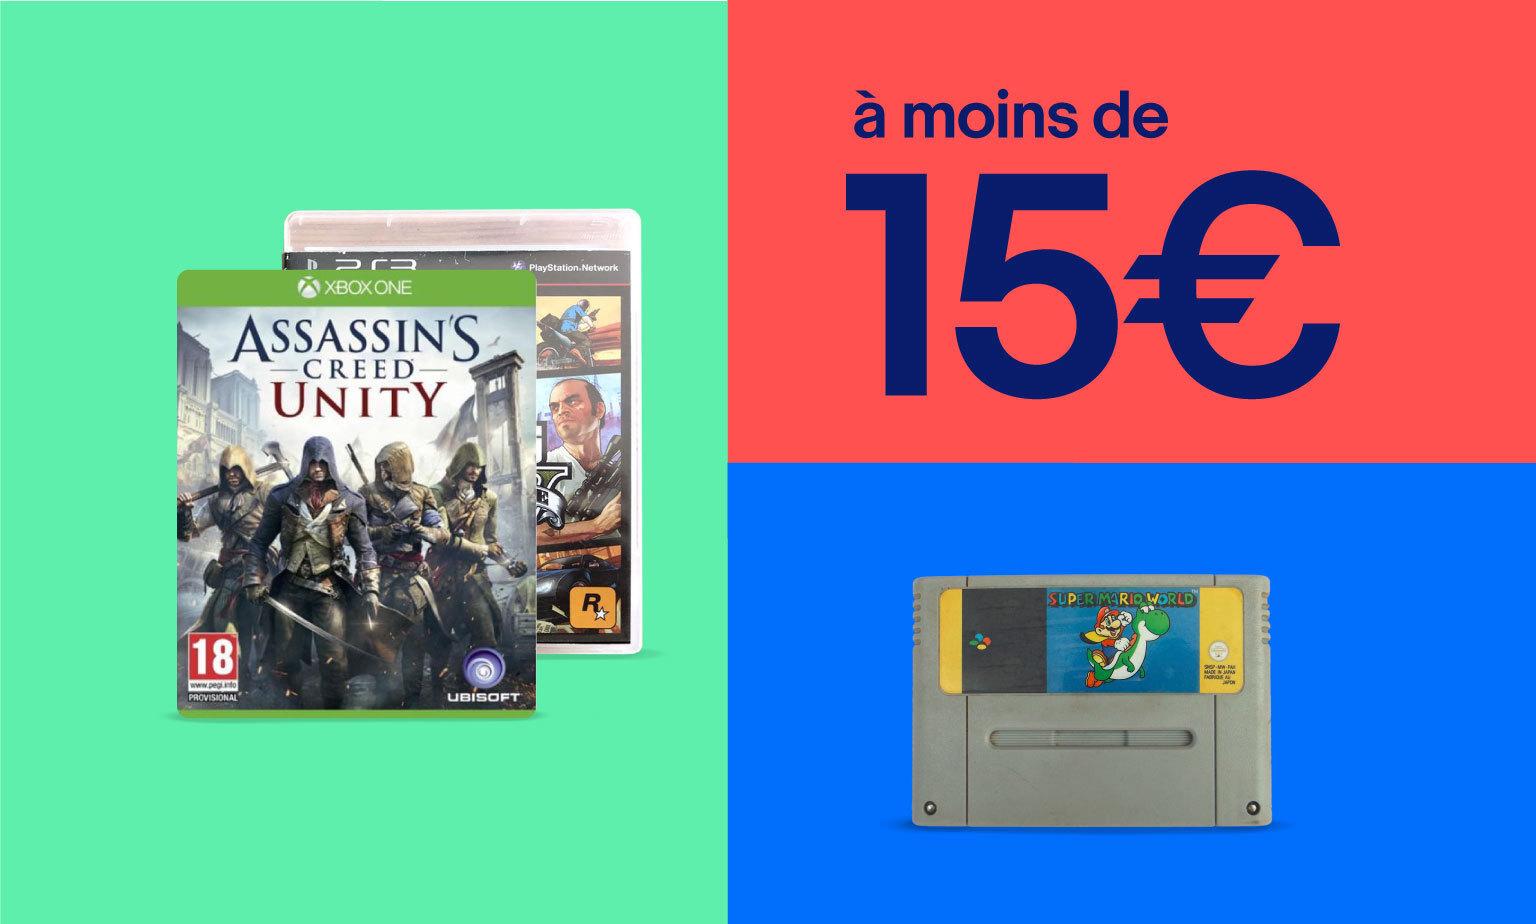 Jeux vidéos à moins de 15€